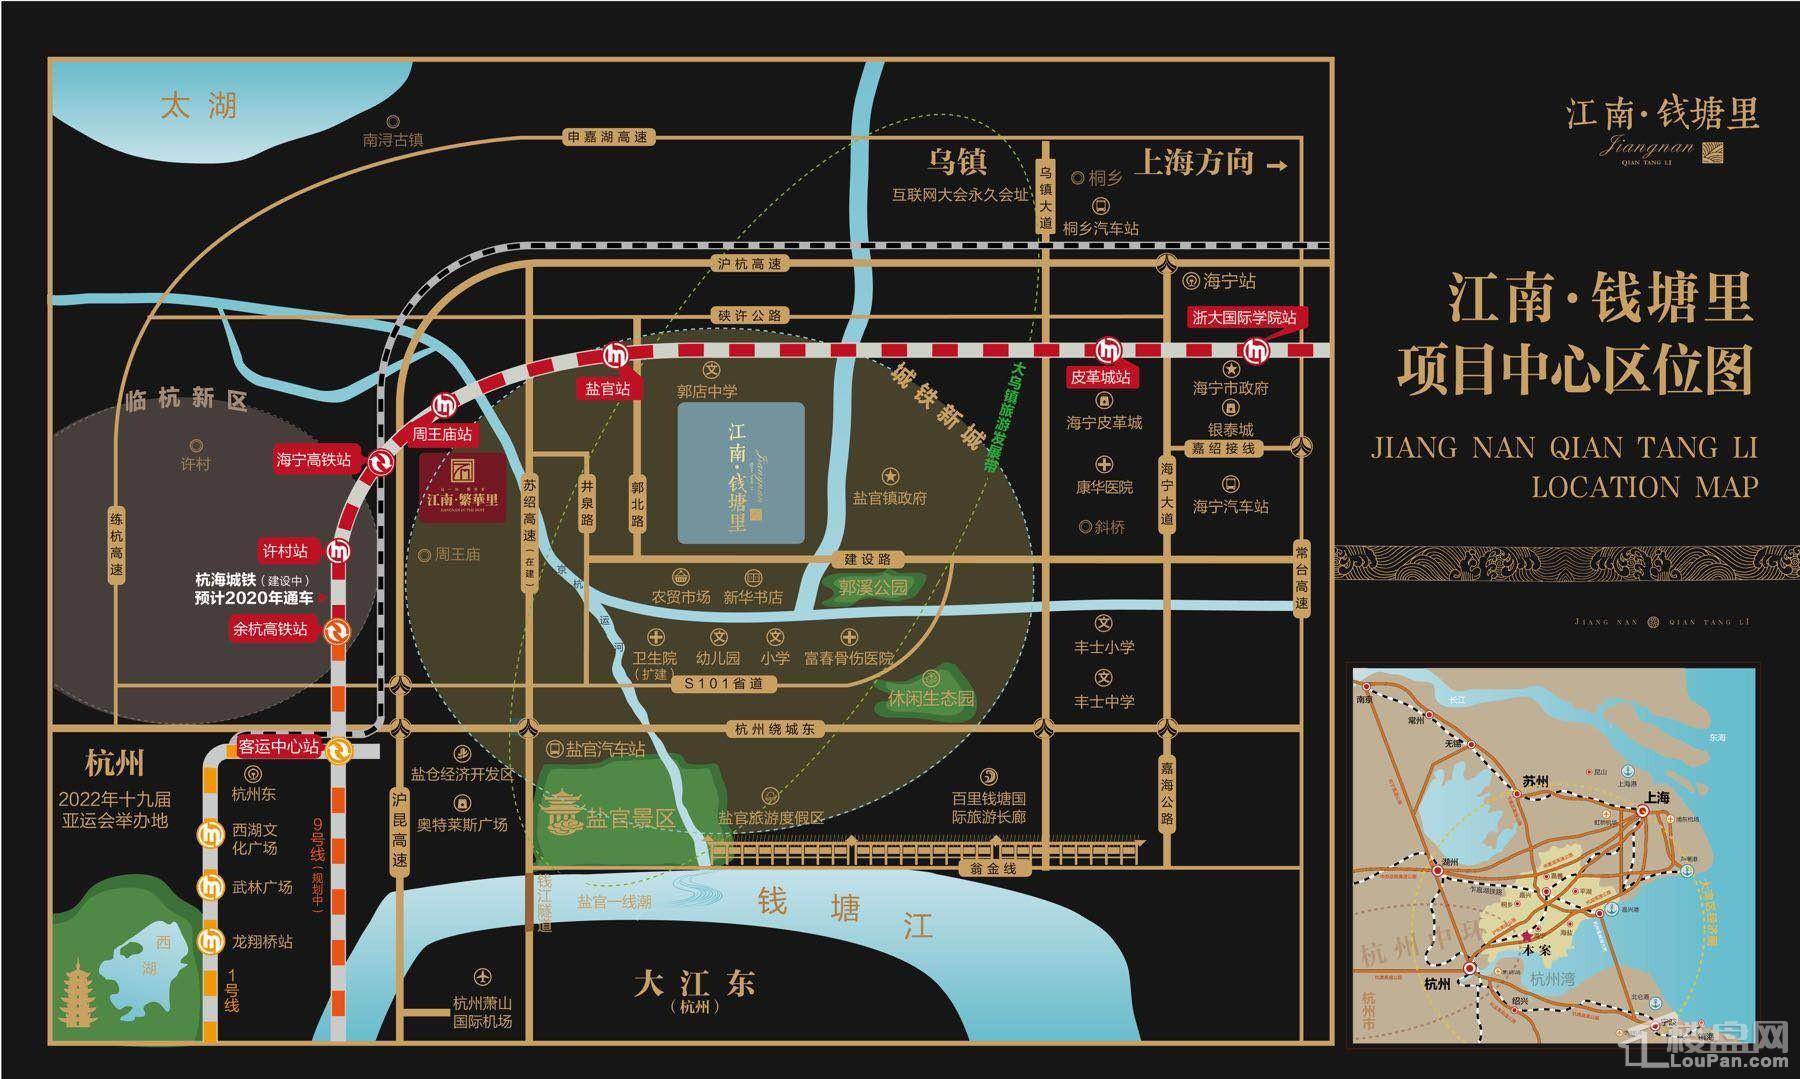 江南钱塘里位置图